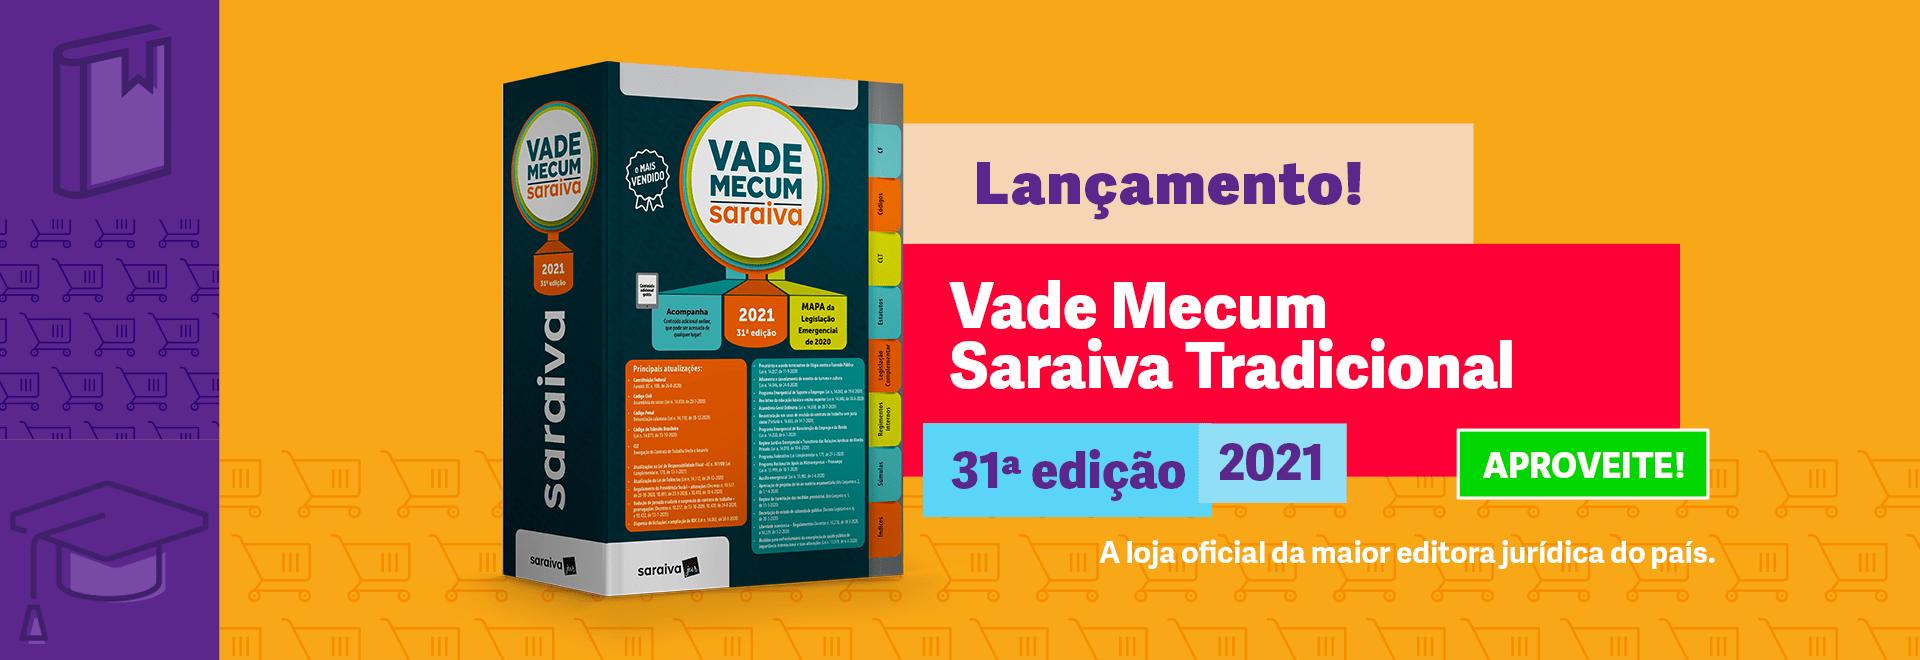 Vade Mecum Saraiva Tradicional - 31ª Edição 2021